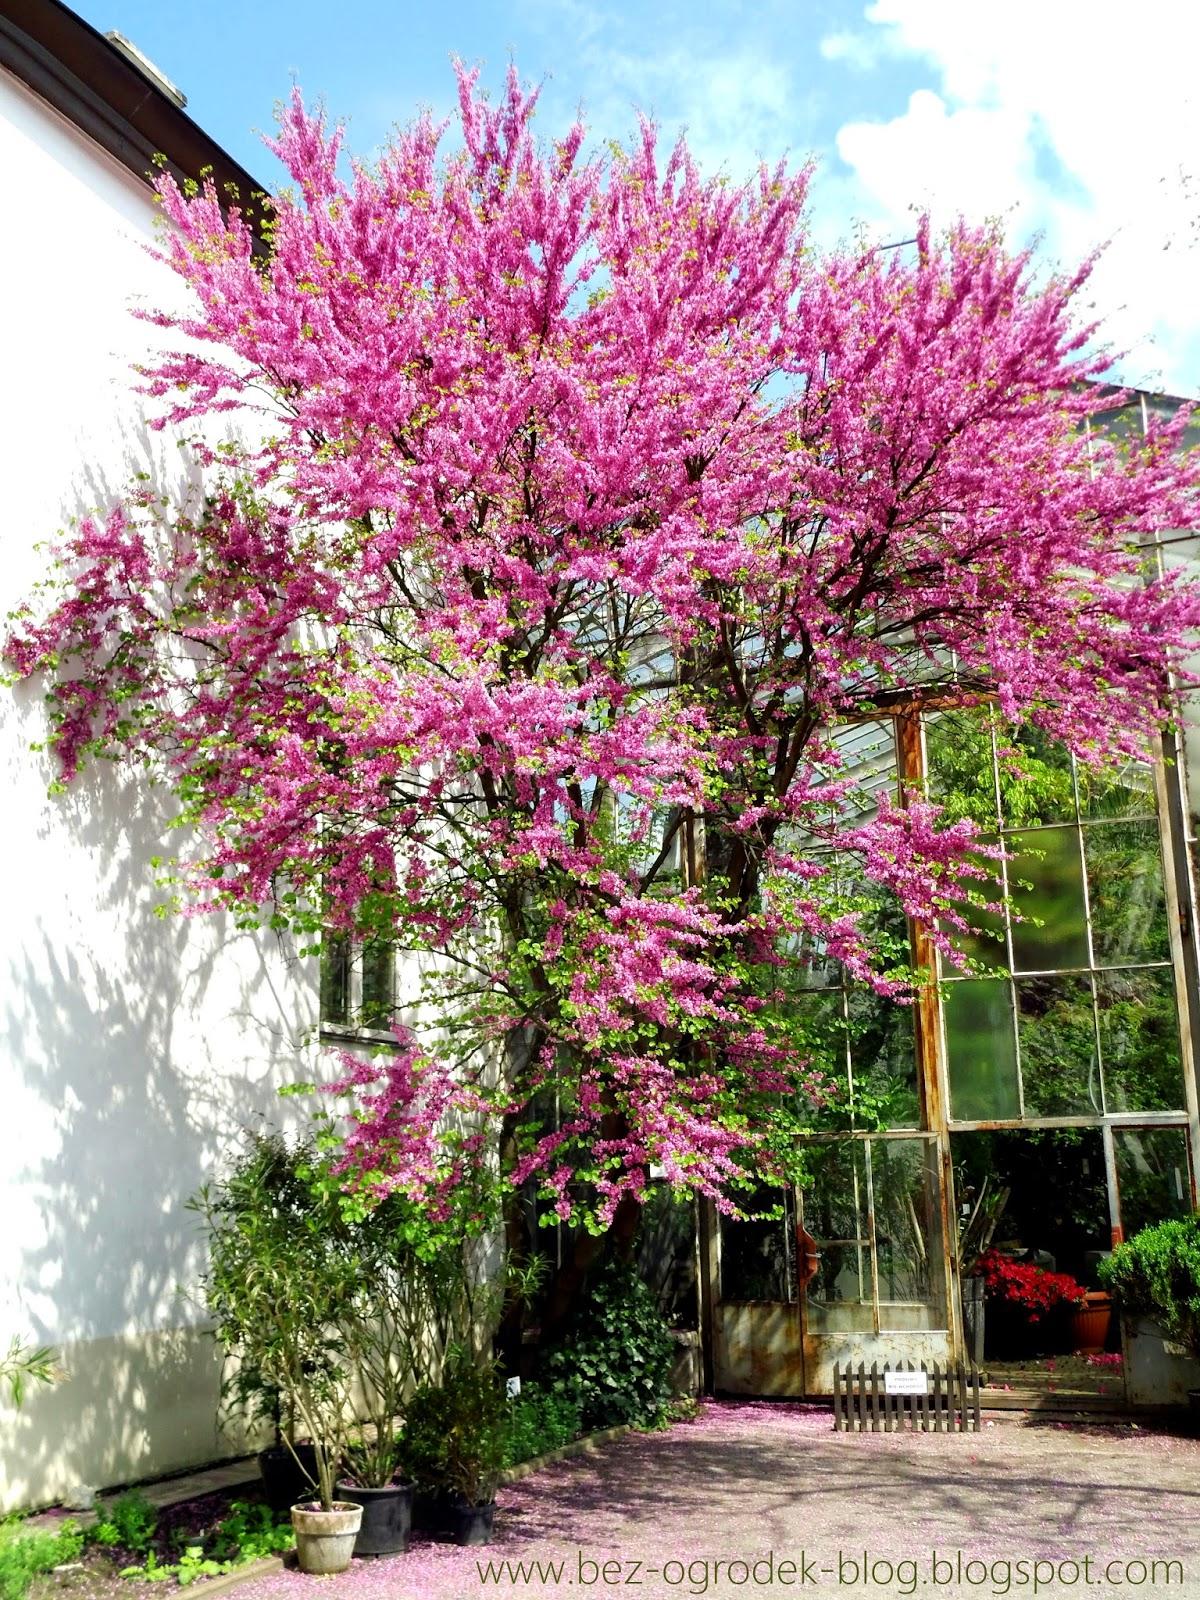 judas tree flowers